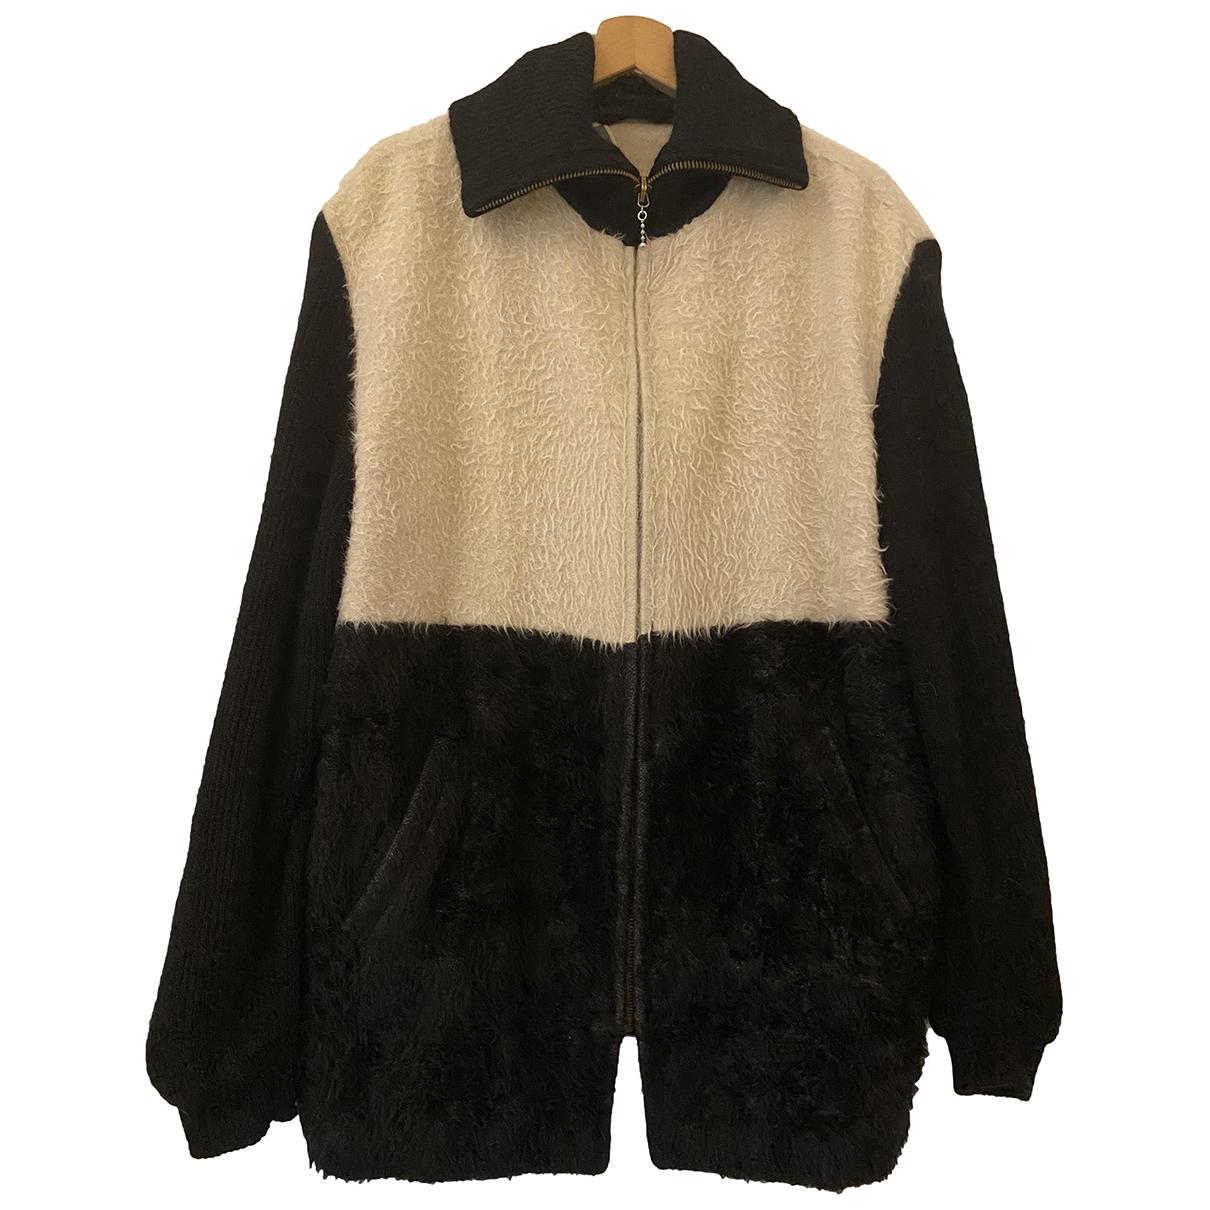 Agnona \N Jacke in  Schwarz Wolle